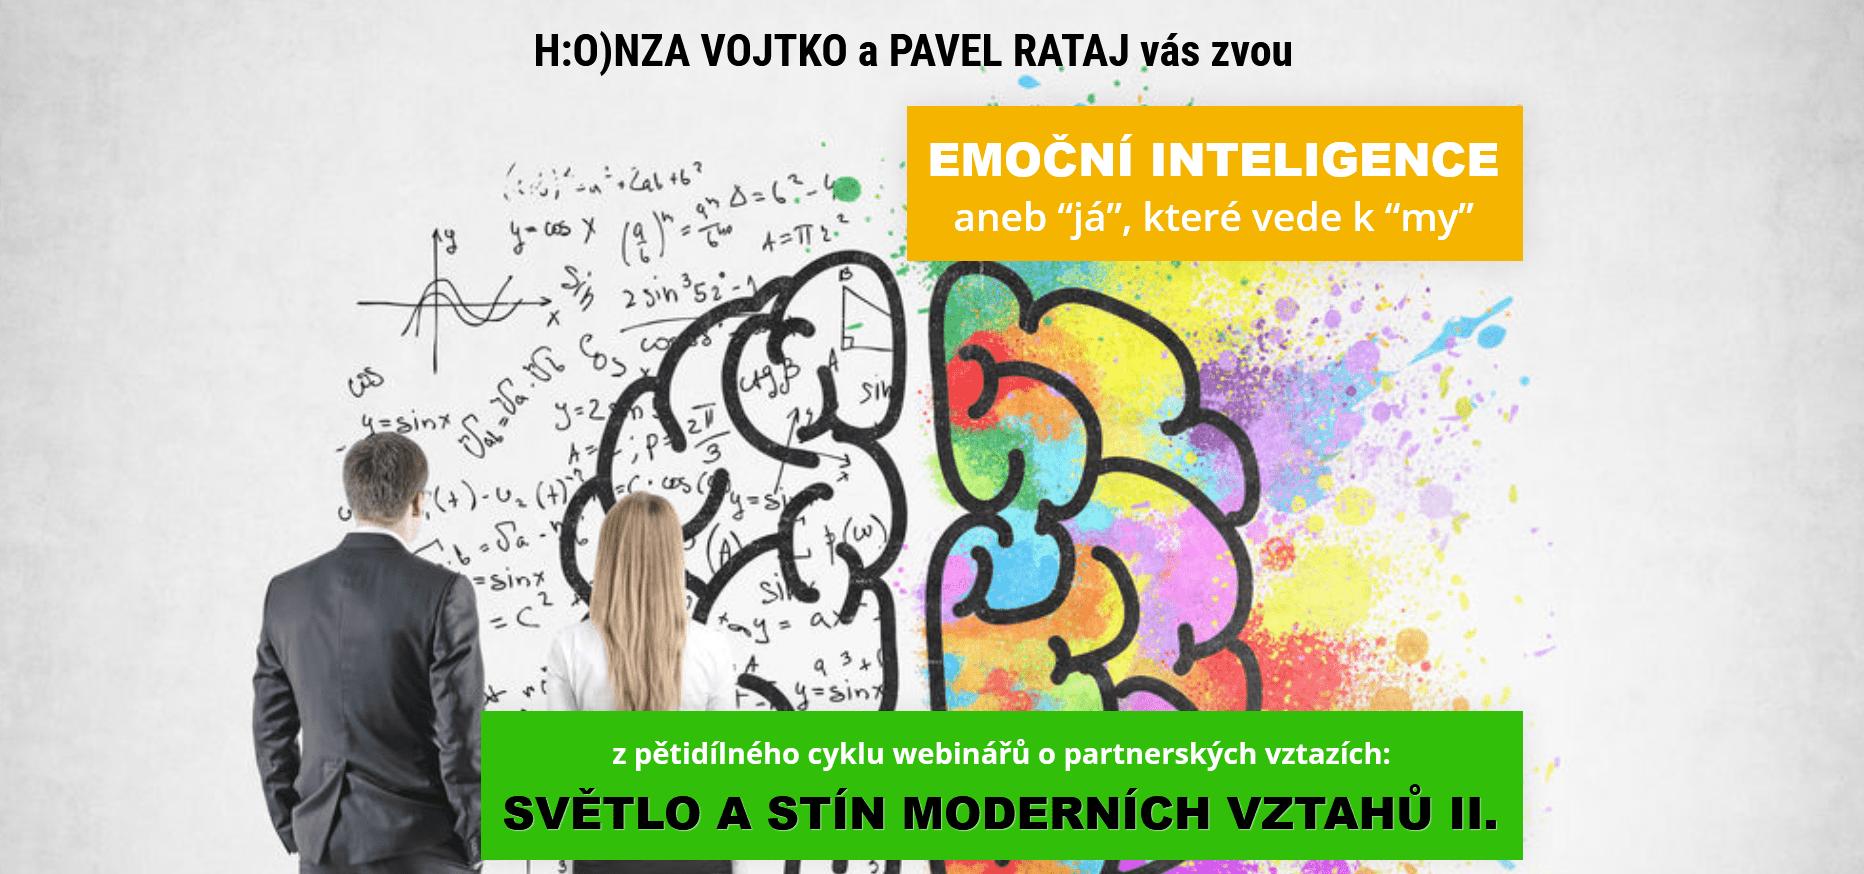 Emoční inteligence -Pavel Rataj aHonza Vojtko